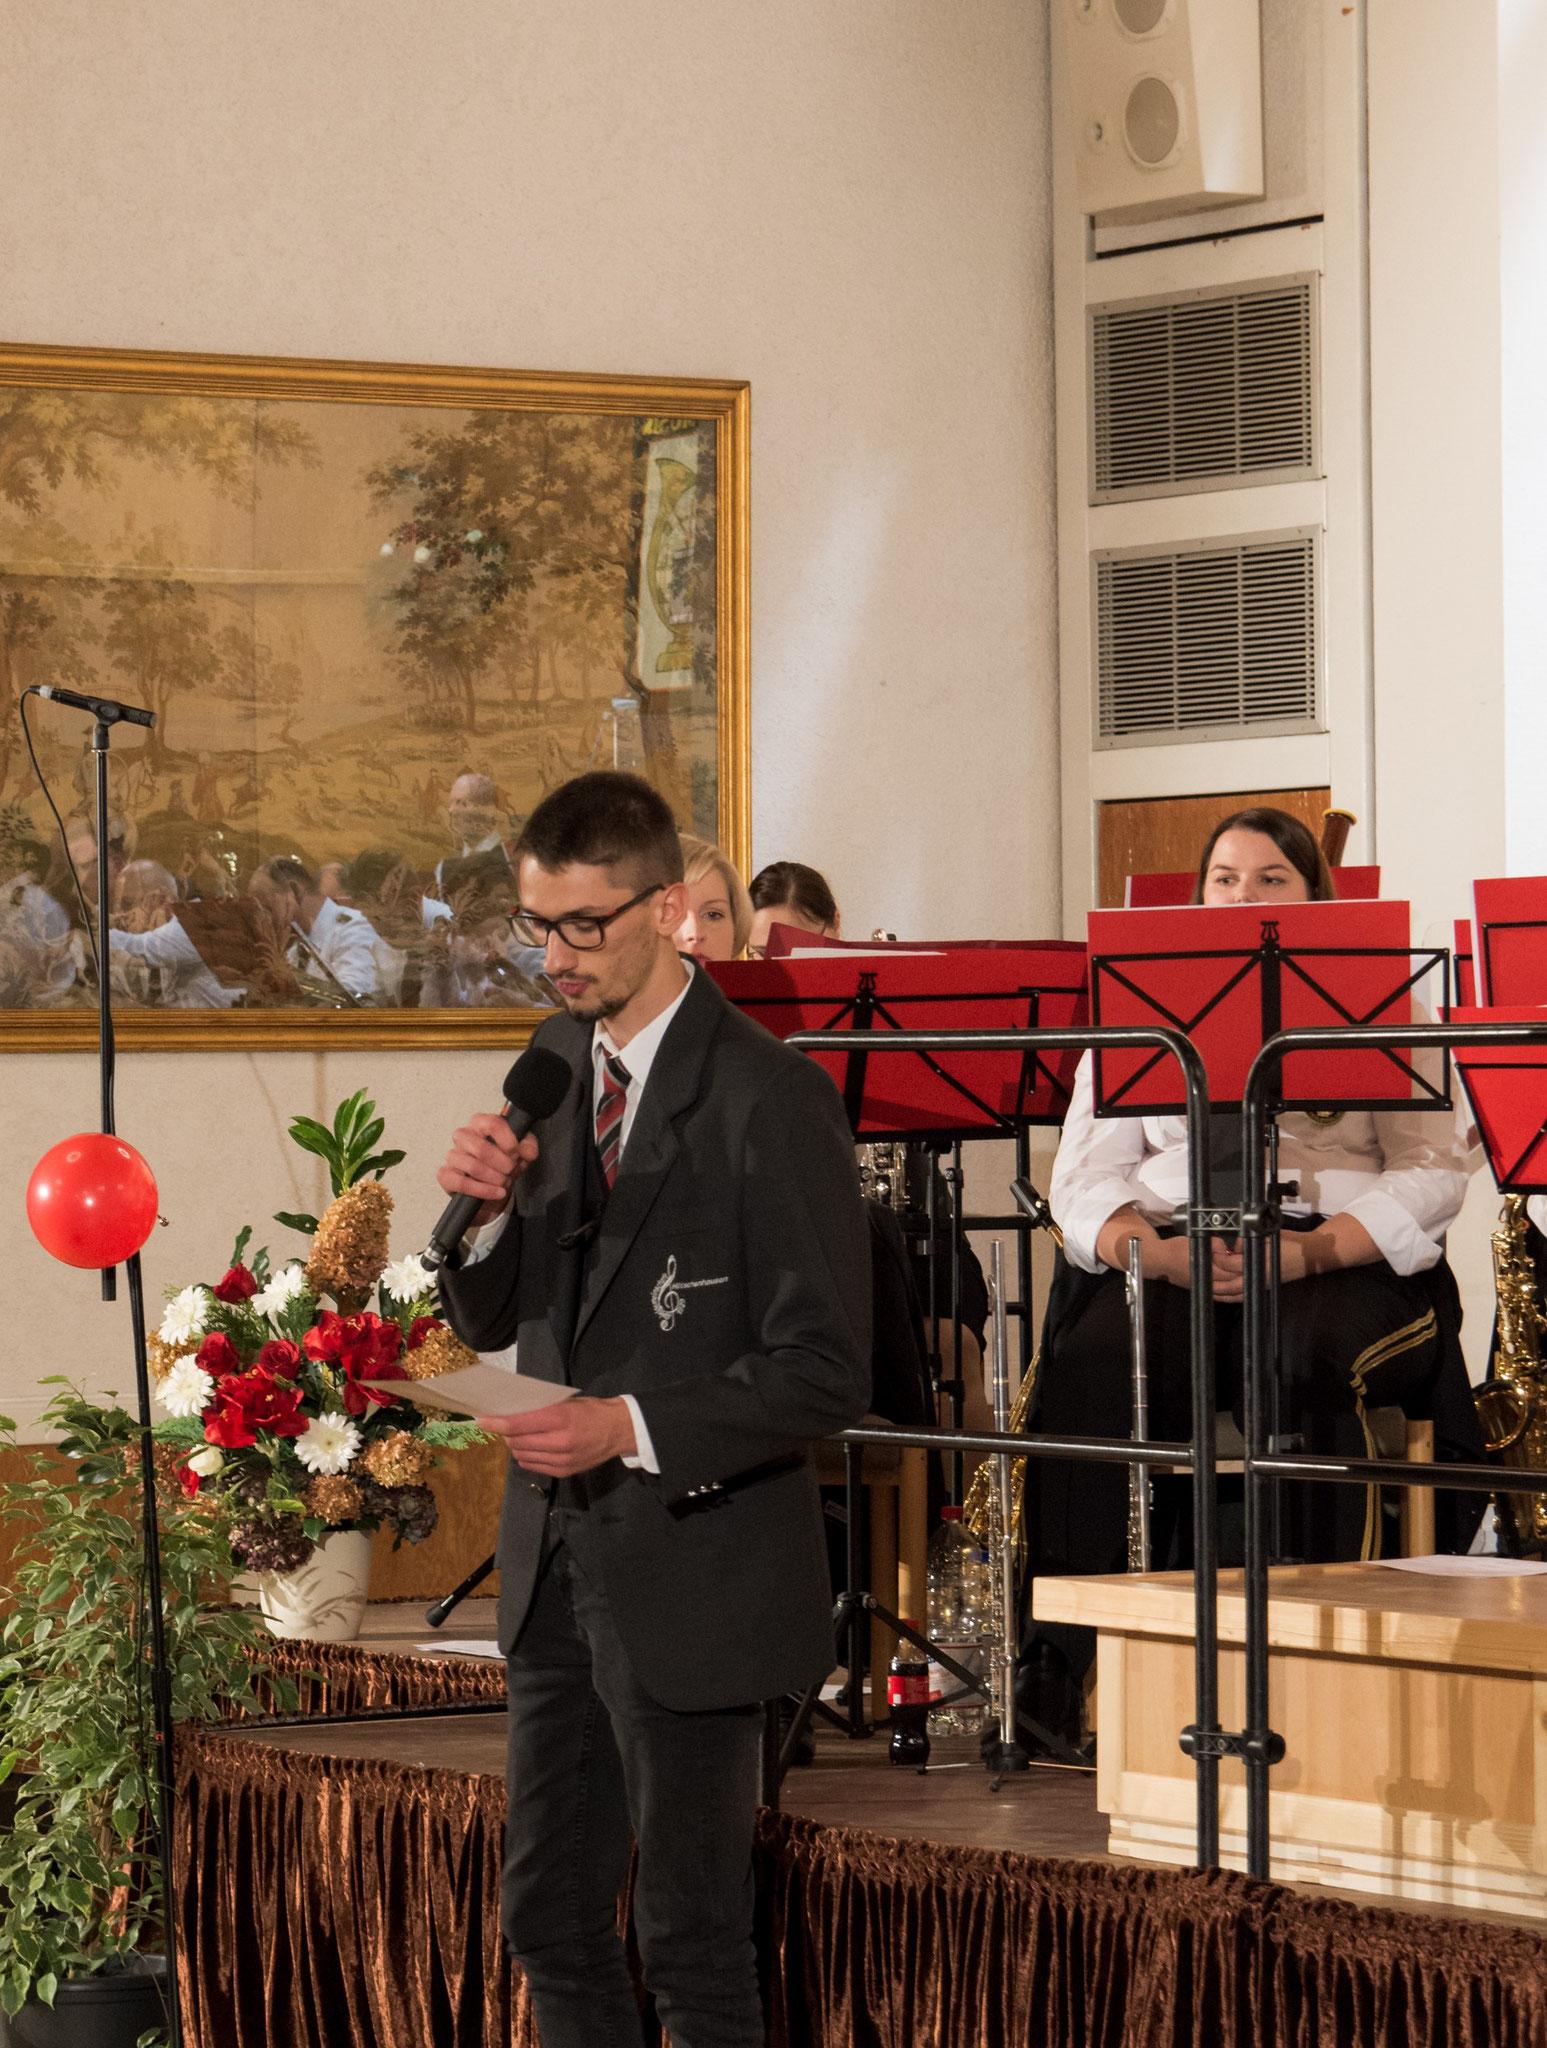 Timo Natter aus der Spielgemeinschaft Hütschenhausen führte uns informativ und unterhaltsam durchs Programm.